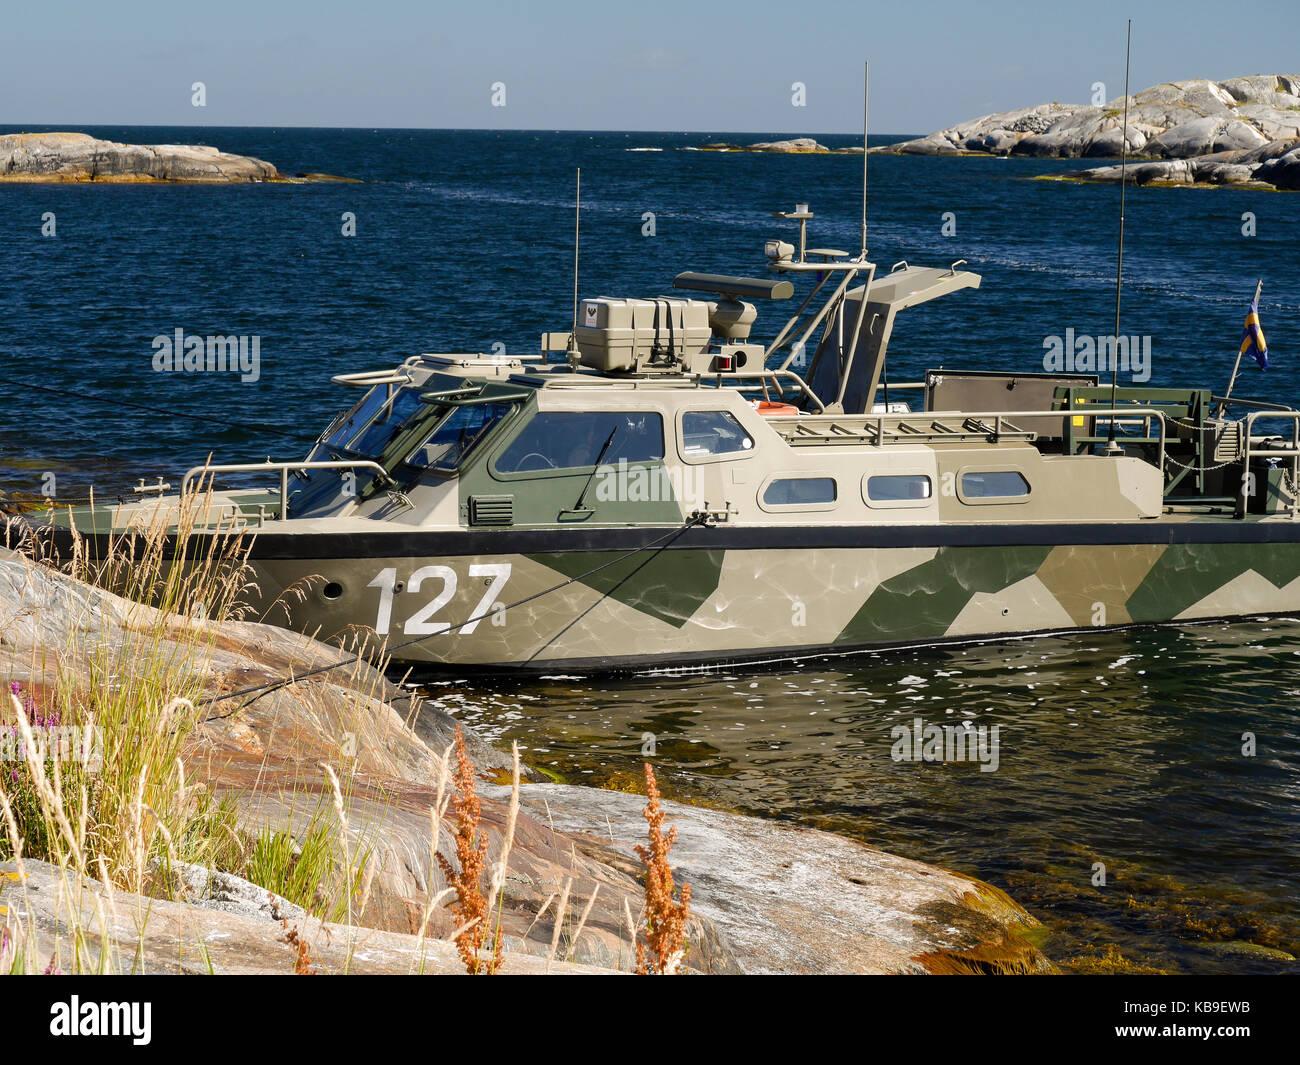 Stridsbåt 90 à Söderarm dans l'archiplago de Roslagen, à l'extérieur de Räfsnäs, Gräddö, Rådmansö au nord de Stockholm, Uppland, Suède, Scandinavie, Europe. Banque D'Images